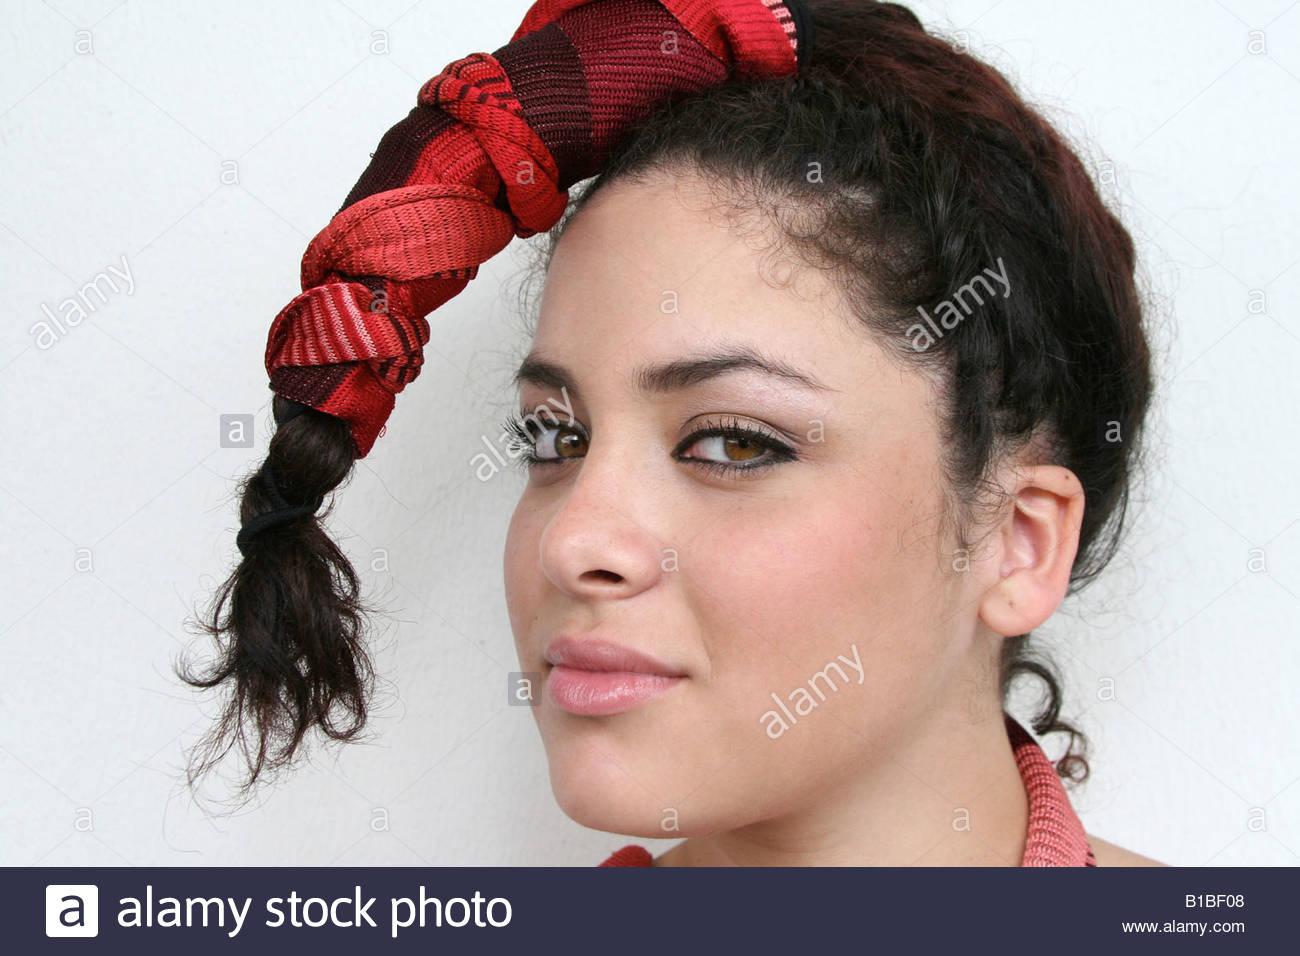 girl, woman, female, spanish, hispanic,weird, hairdo, ,beautiful